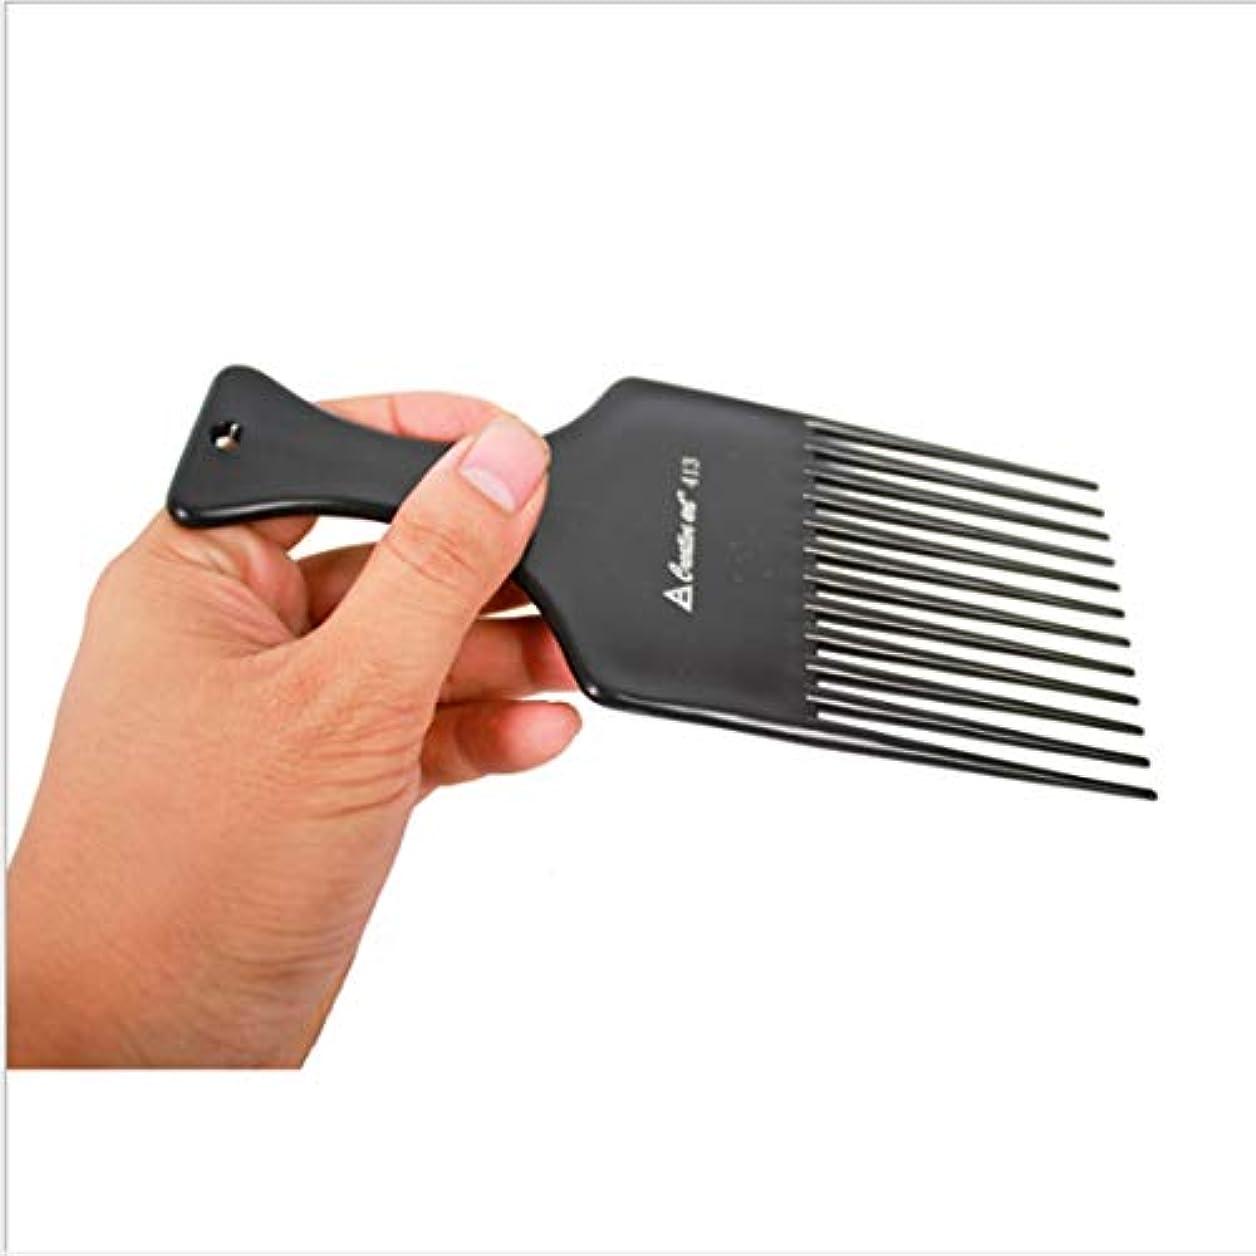 アジア人脚ブレンドGuomao 理髪師のフォーク-7inchの長さのための滑らかな毛の調整の熊手の櫛 (色 : 黒)